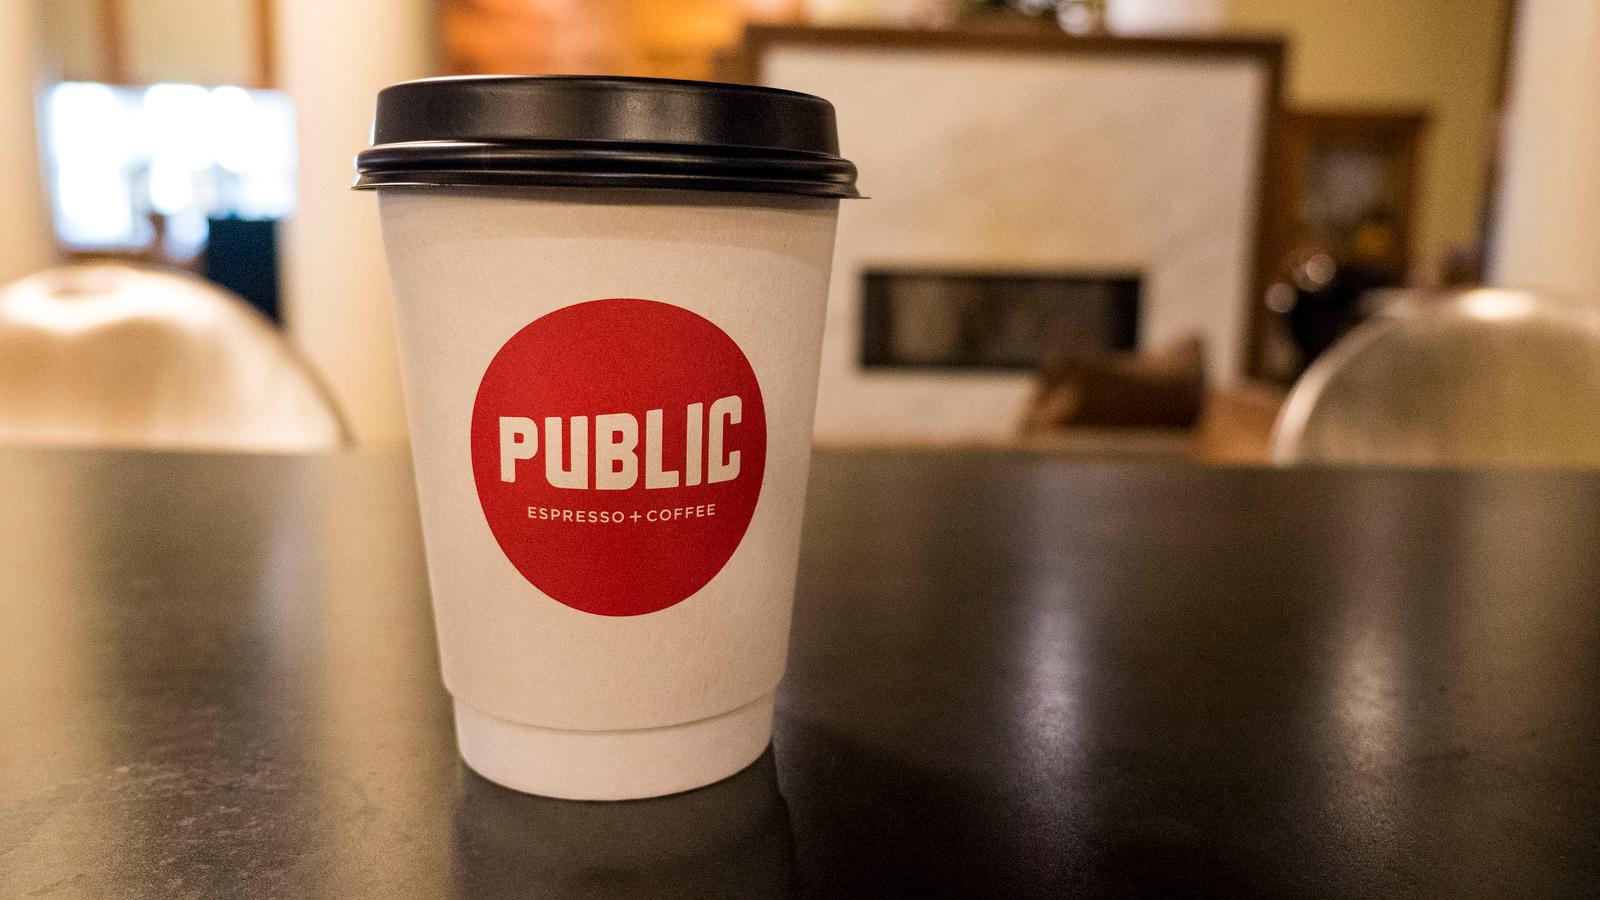 Public Espresso & Coffee